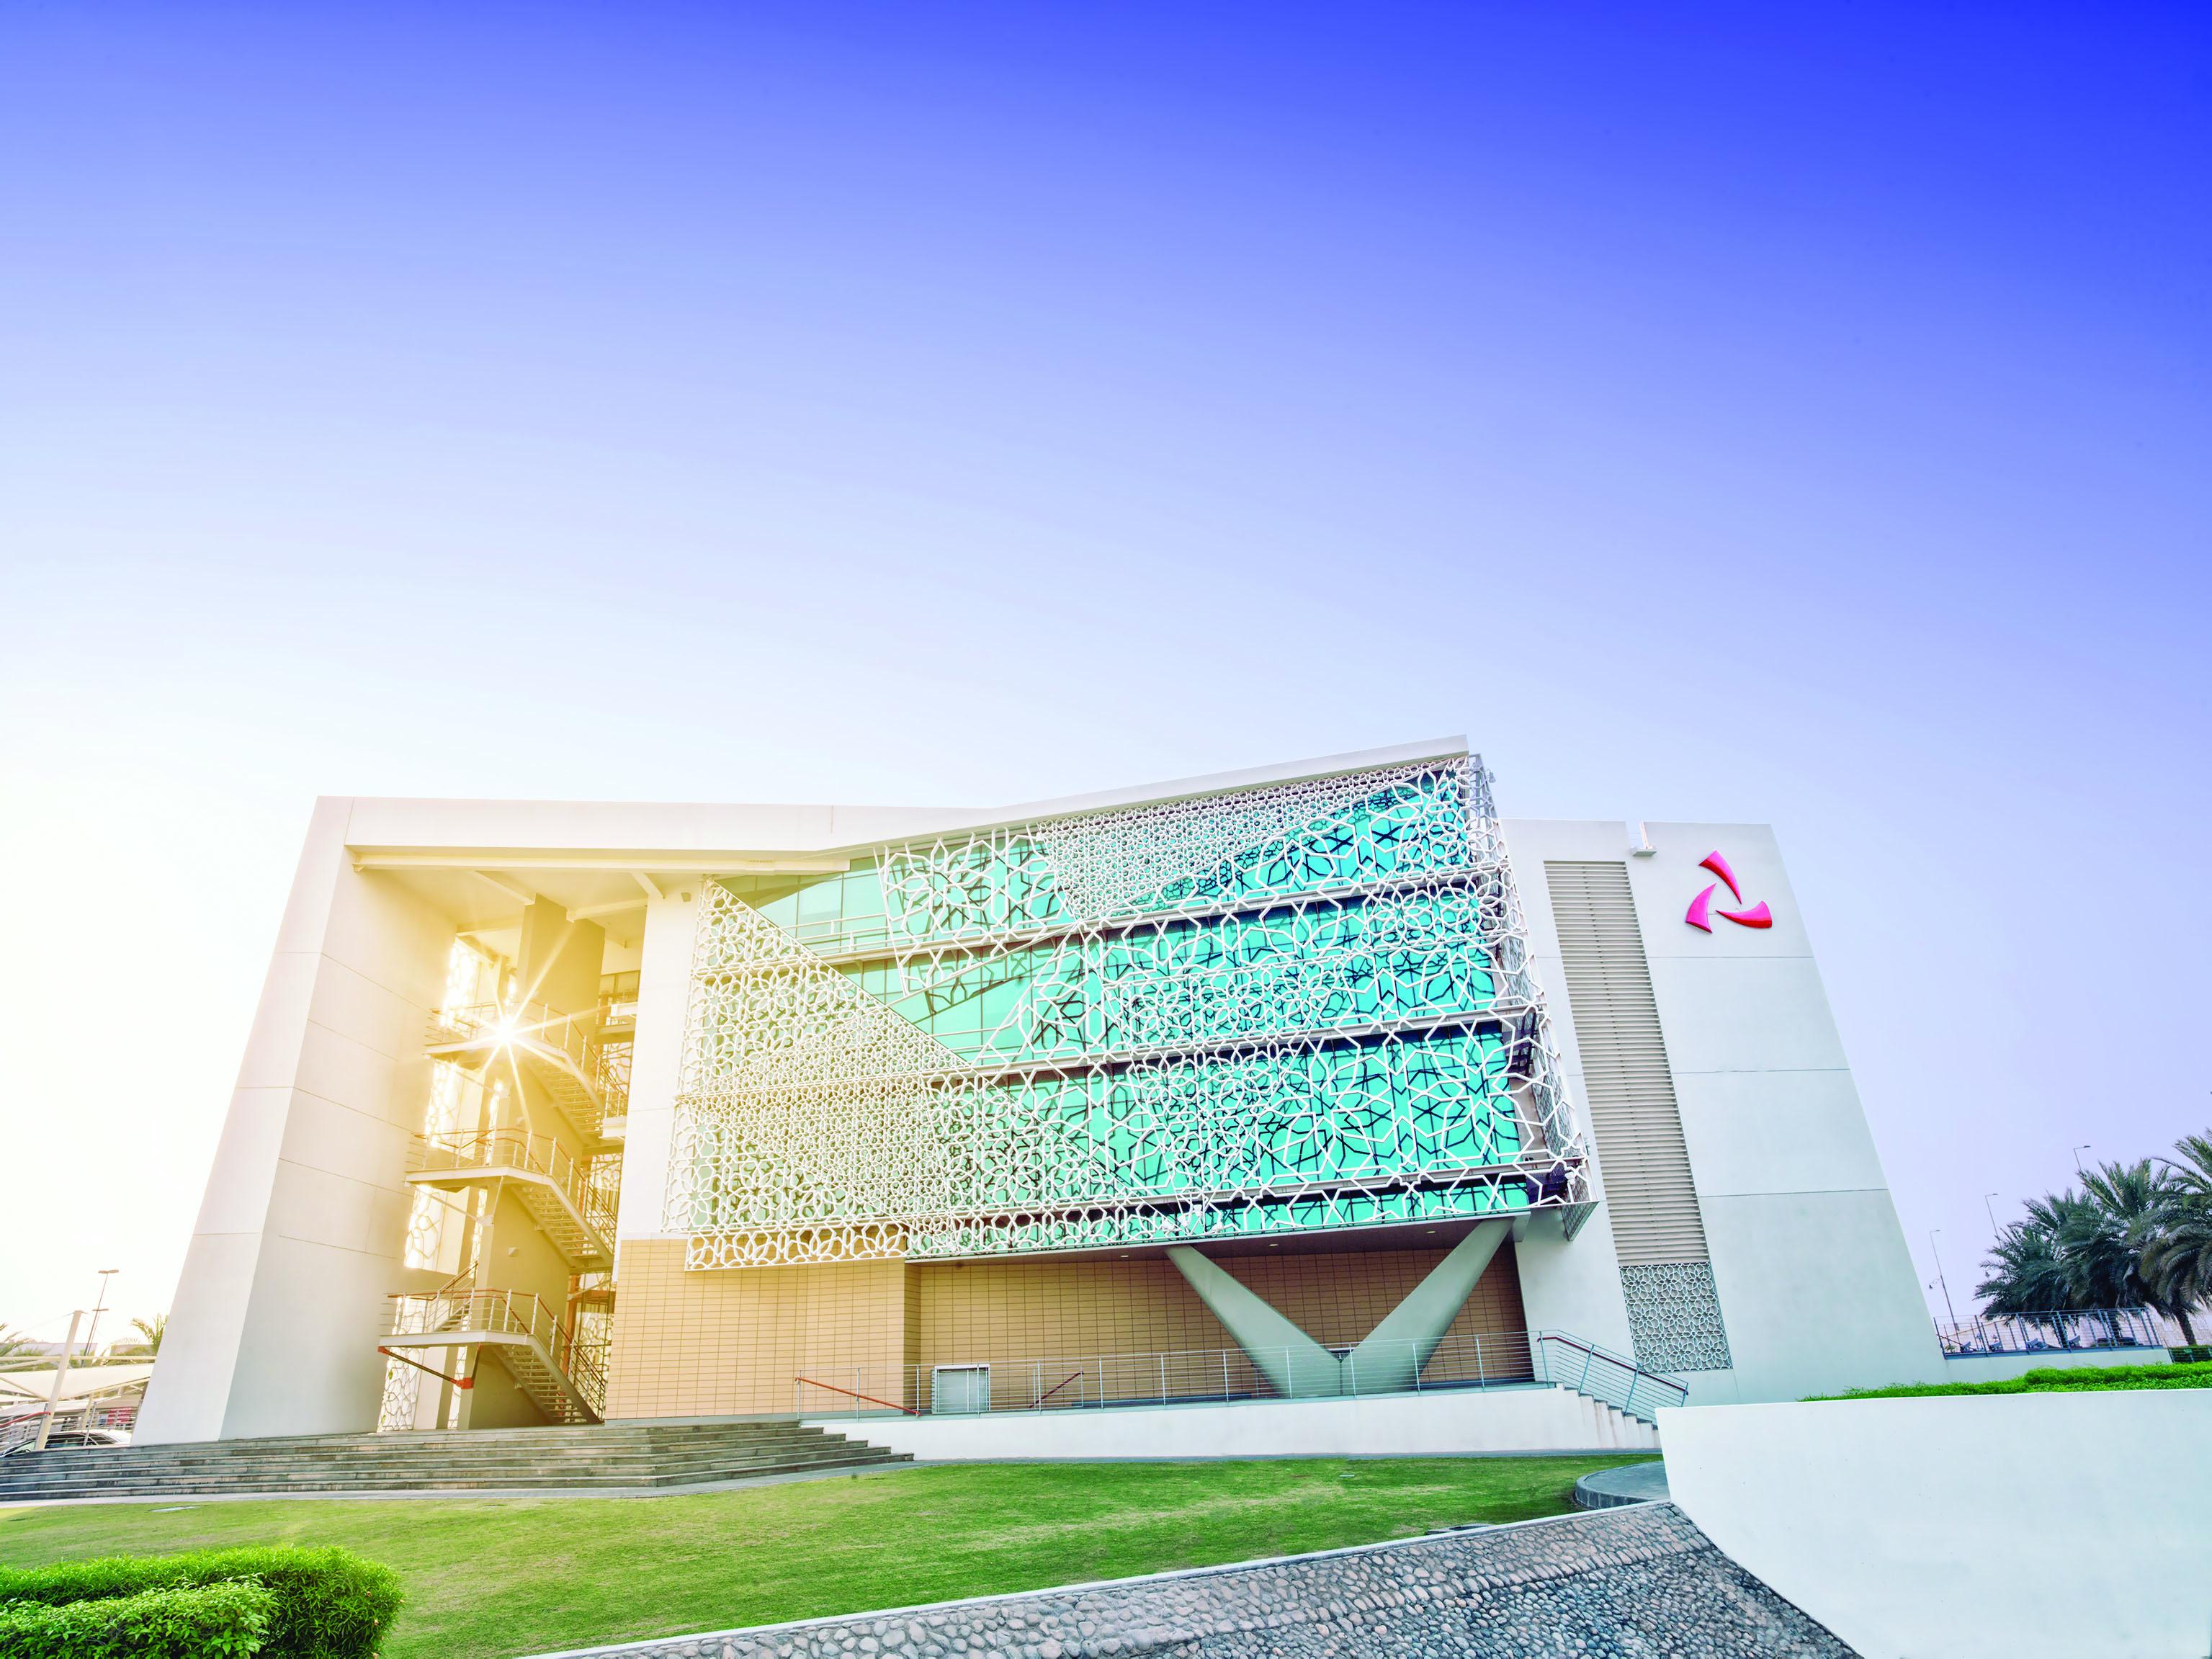 بنك مسقط يشارك في إنجاح تنظيم مهرجان مسقط للمأكولات